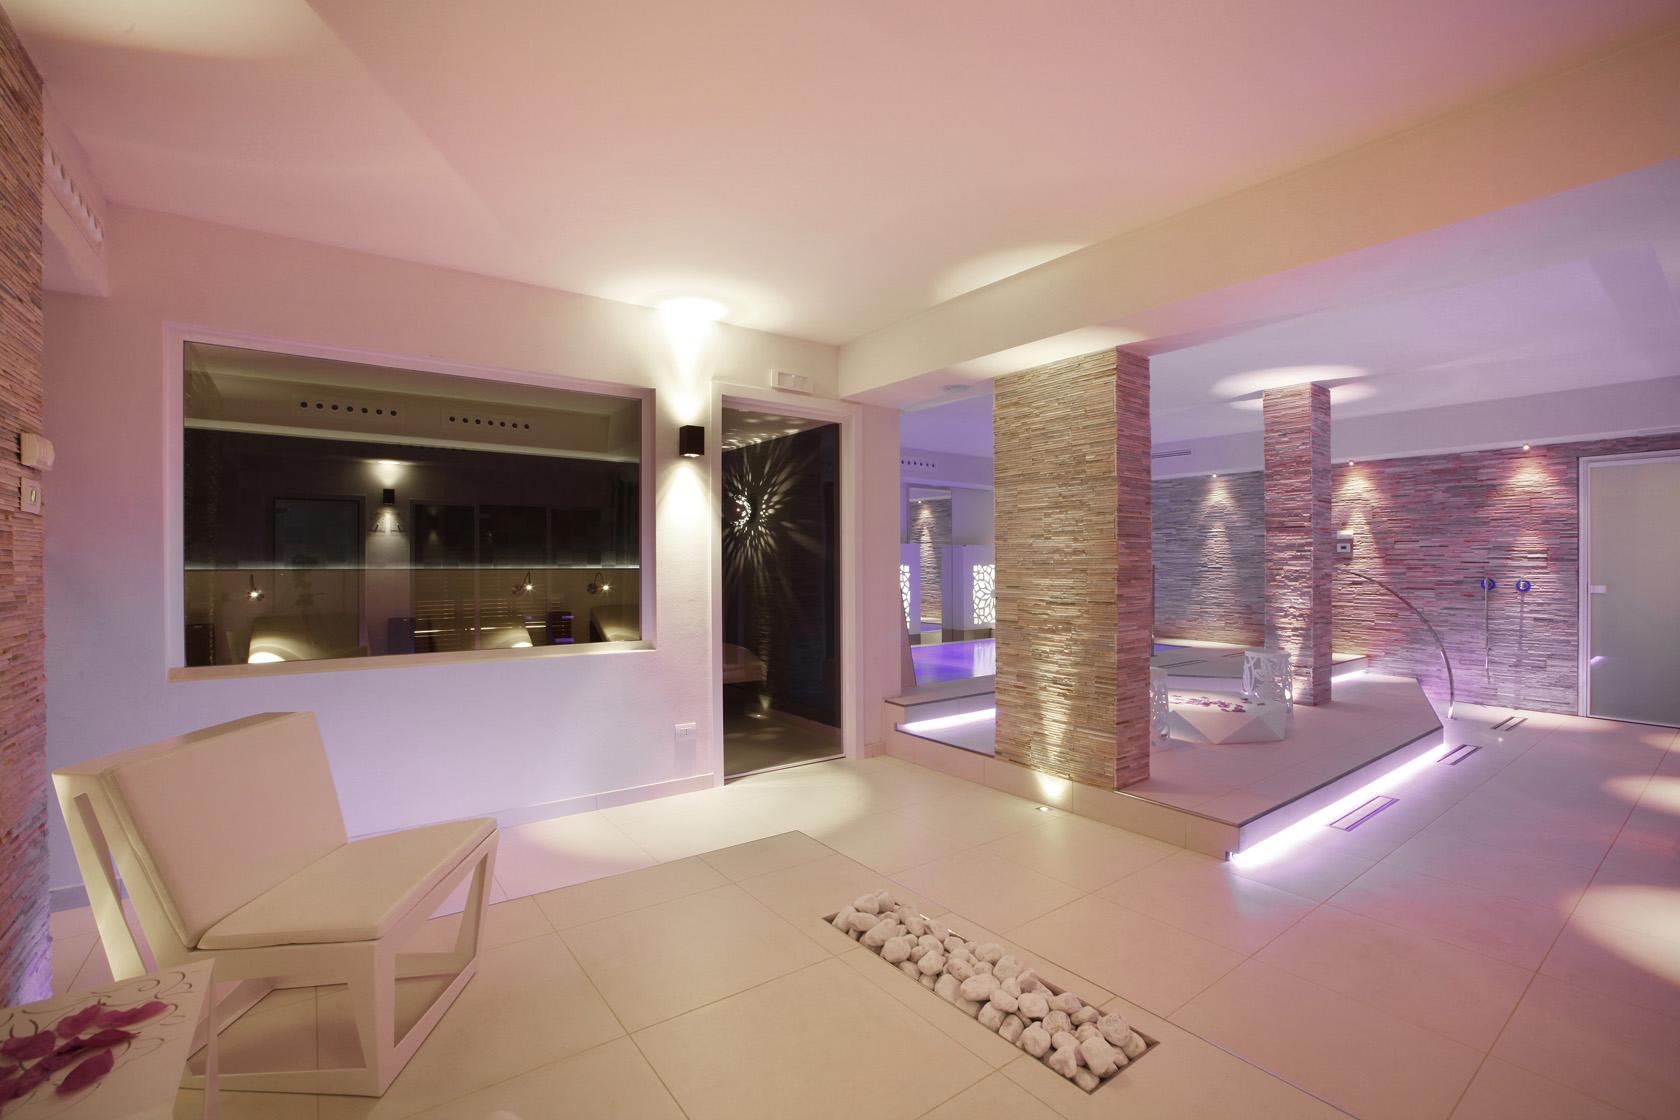 spa hotel parigi 2 dalmine: relax a due passi dall'aeroporto di ... - Zona Migliore Soggiorno Parigi 2